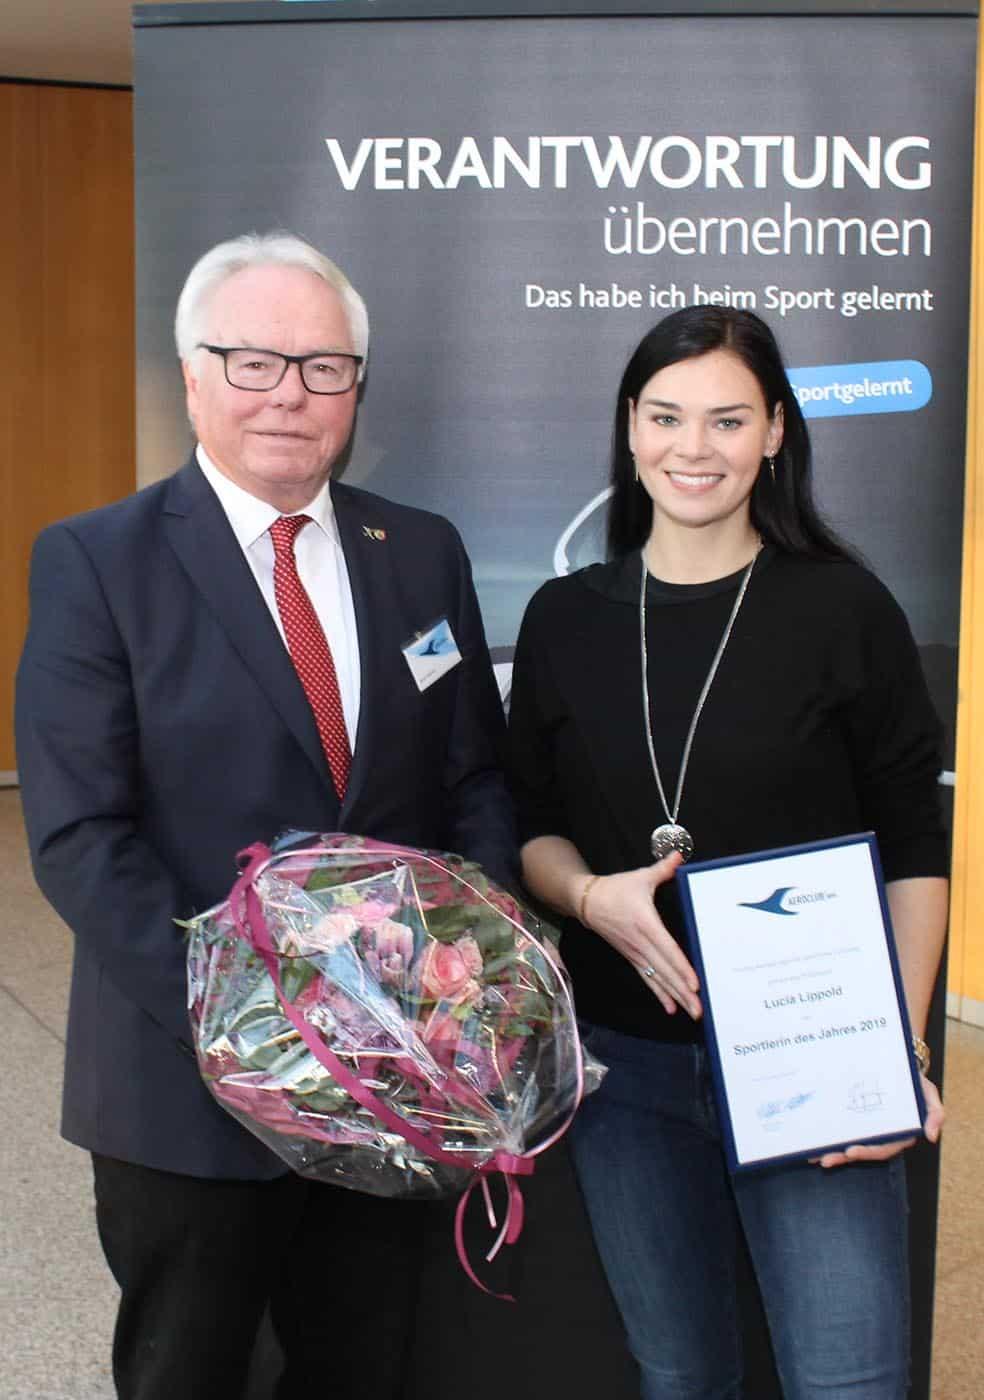 Präsident FSC Remscheid Klaus F.H.Mathies und Lucia Lippold Sportlerin des Jahres 2019